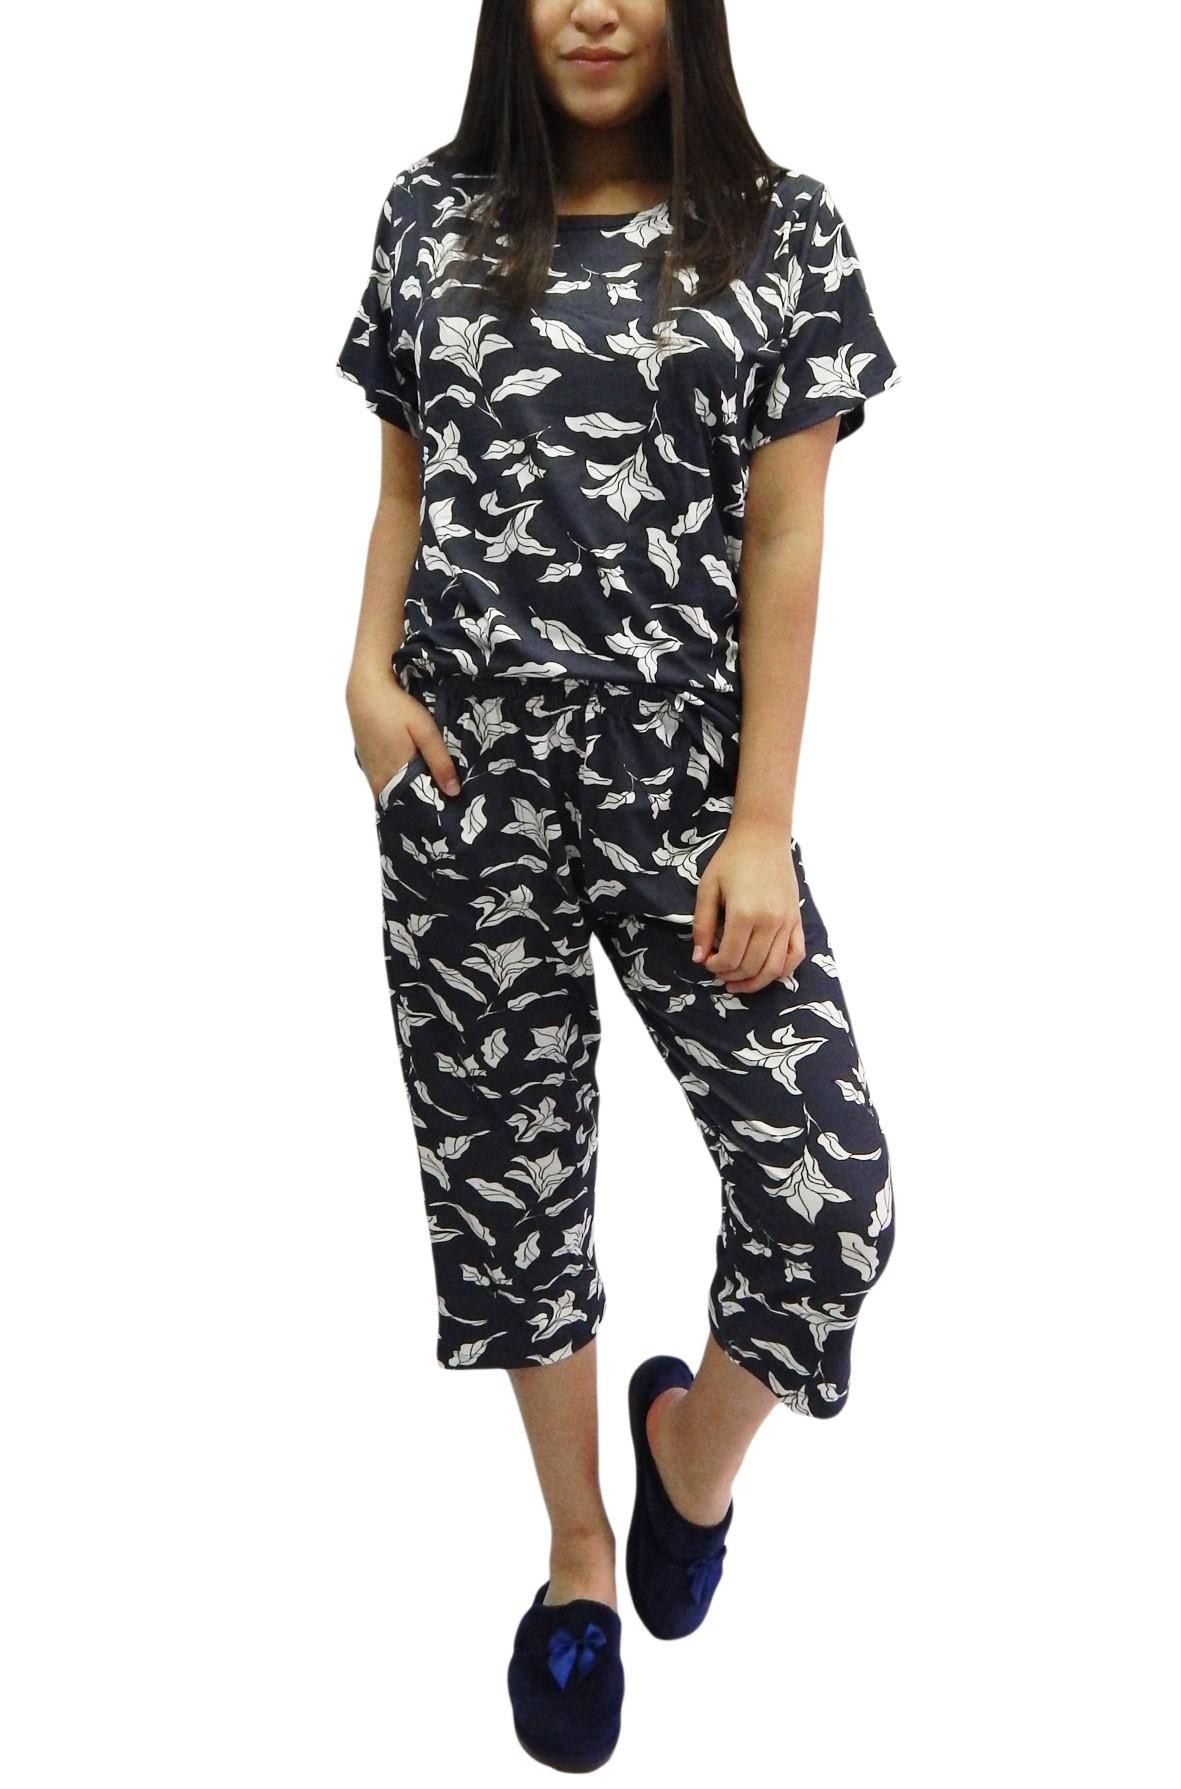 Pijama Pescador Capri Estiloso em Visco Molinha - Foxx 263354